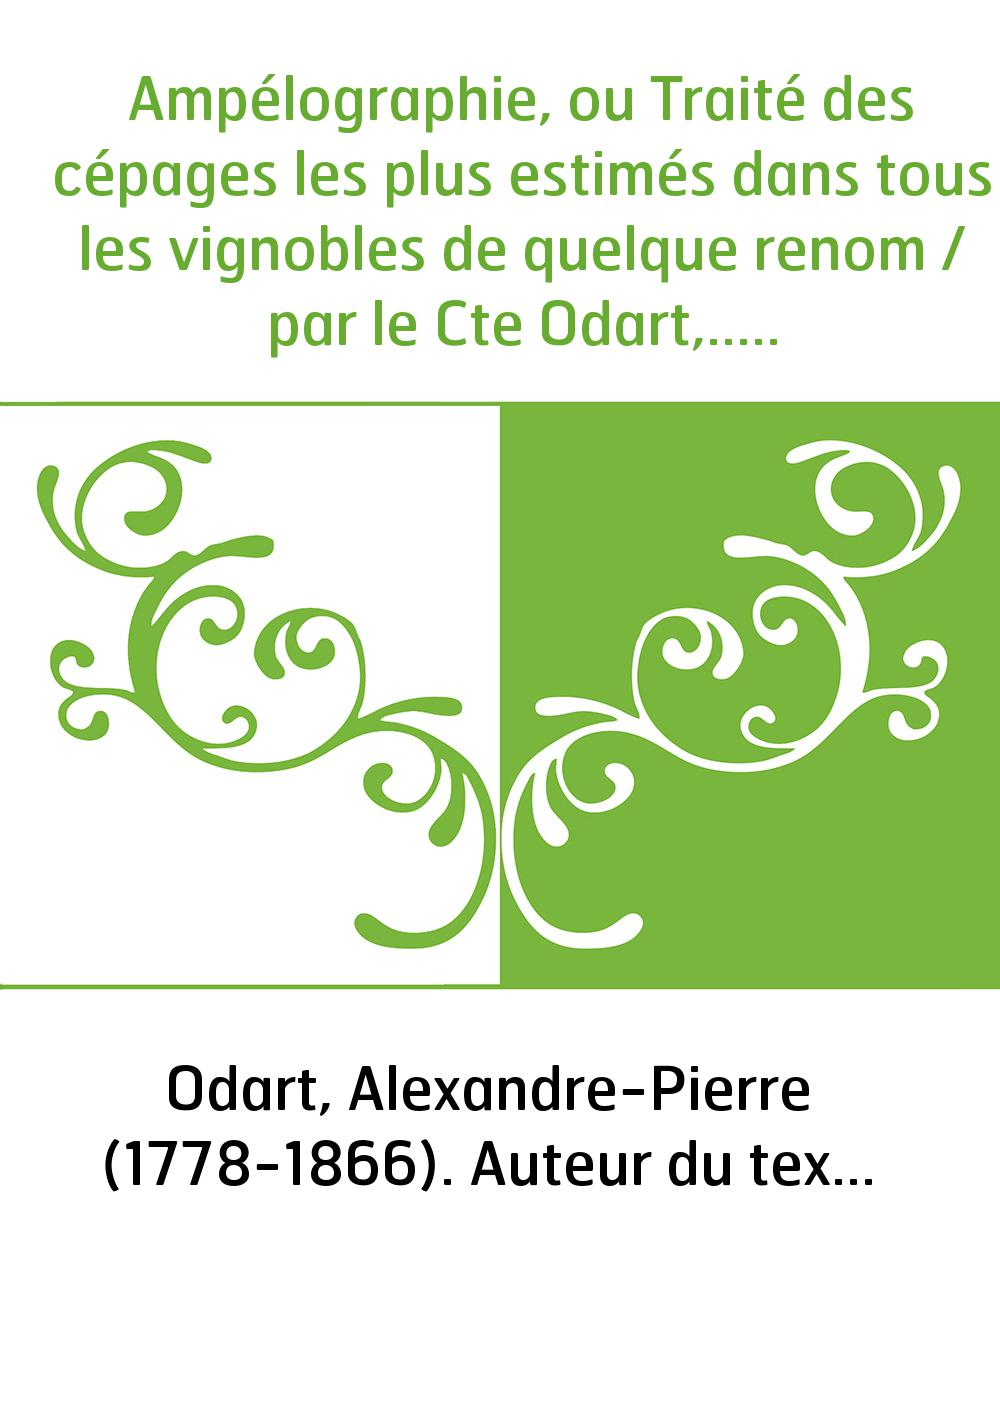 Ampélographie, ou Traité des cépages les plus estimés dans tous les vignobles de quelque renom / par le Cte Odart,...